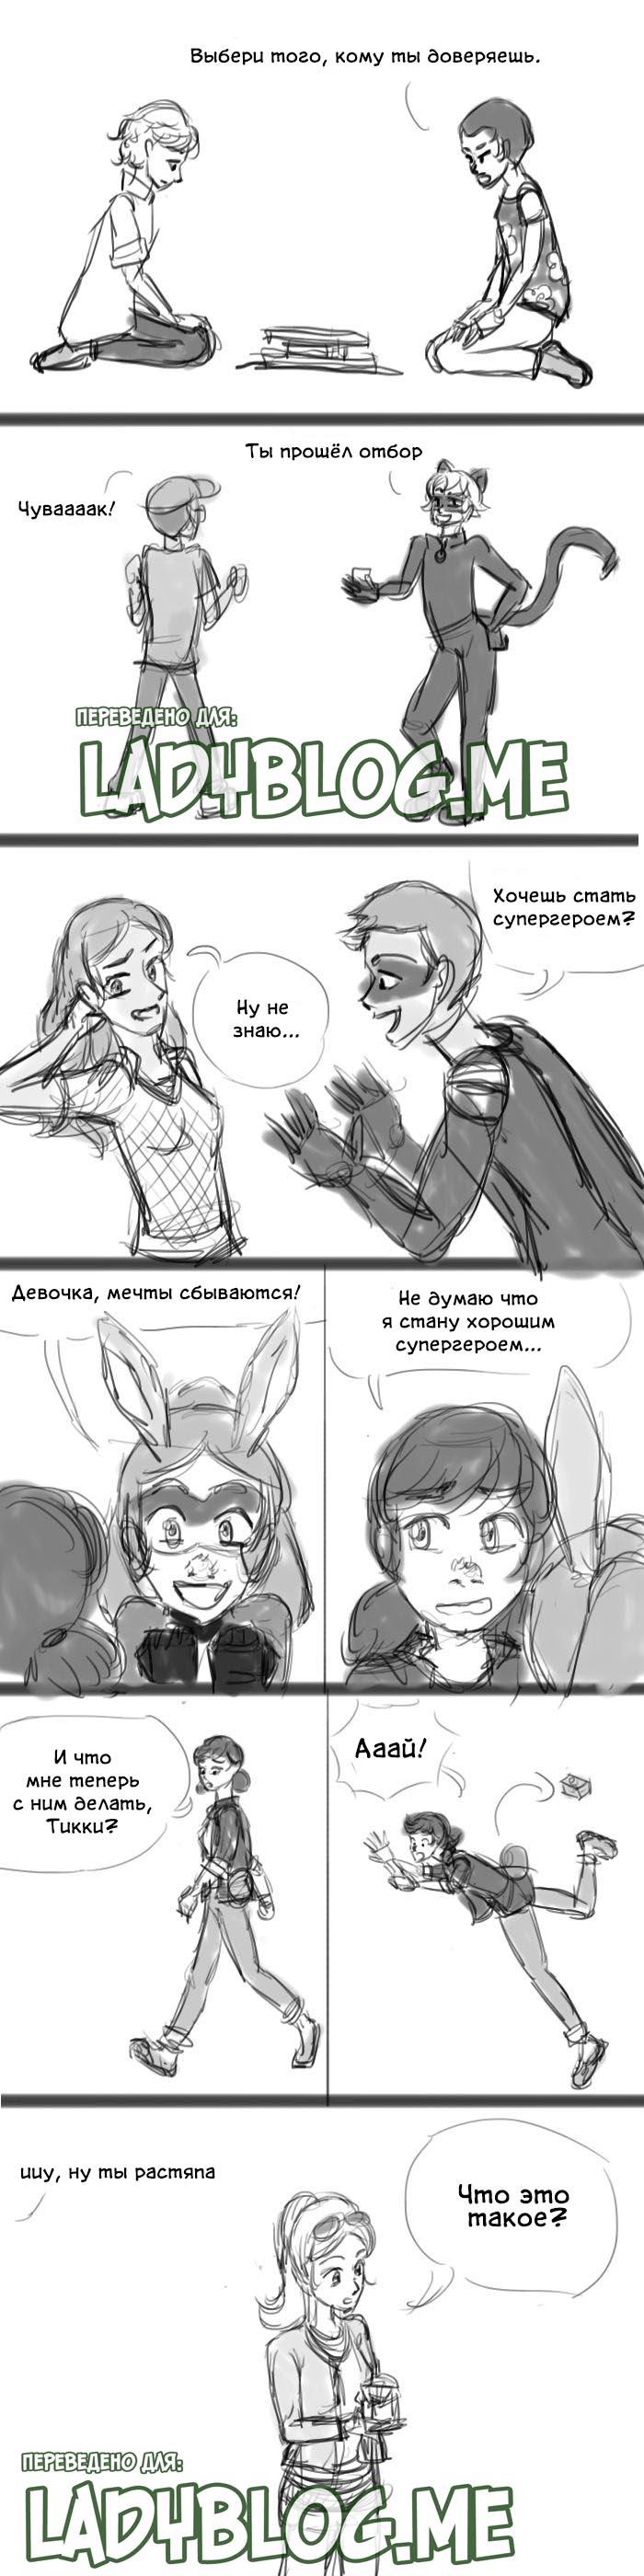 Комикс Леди Баг Всем По Талисману